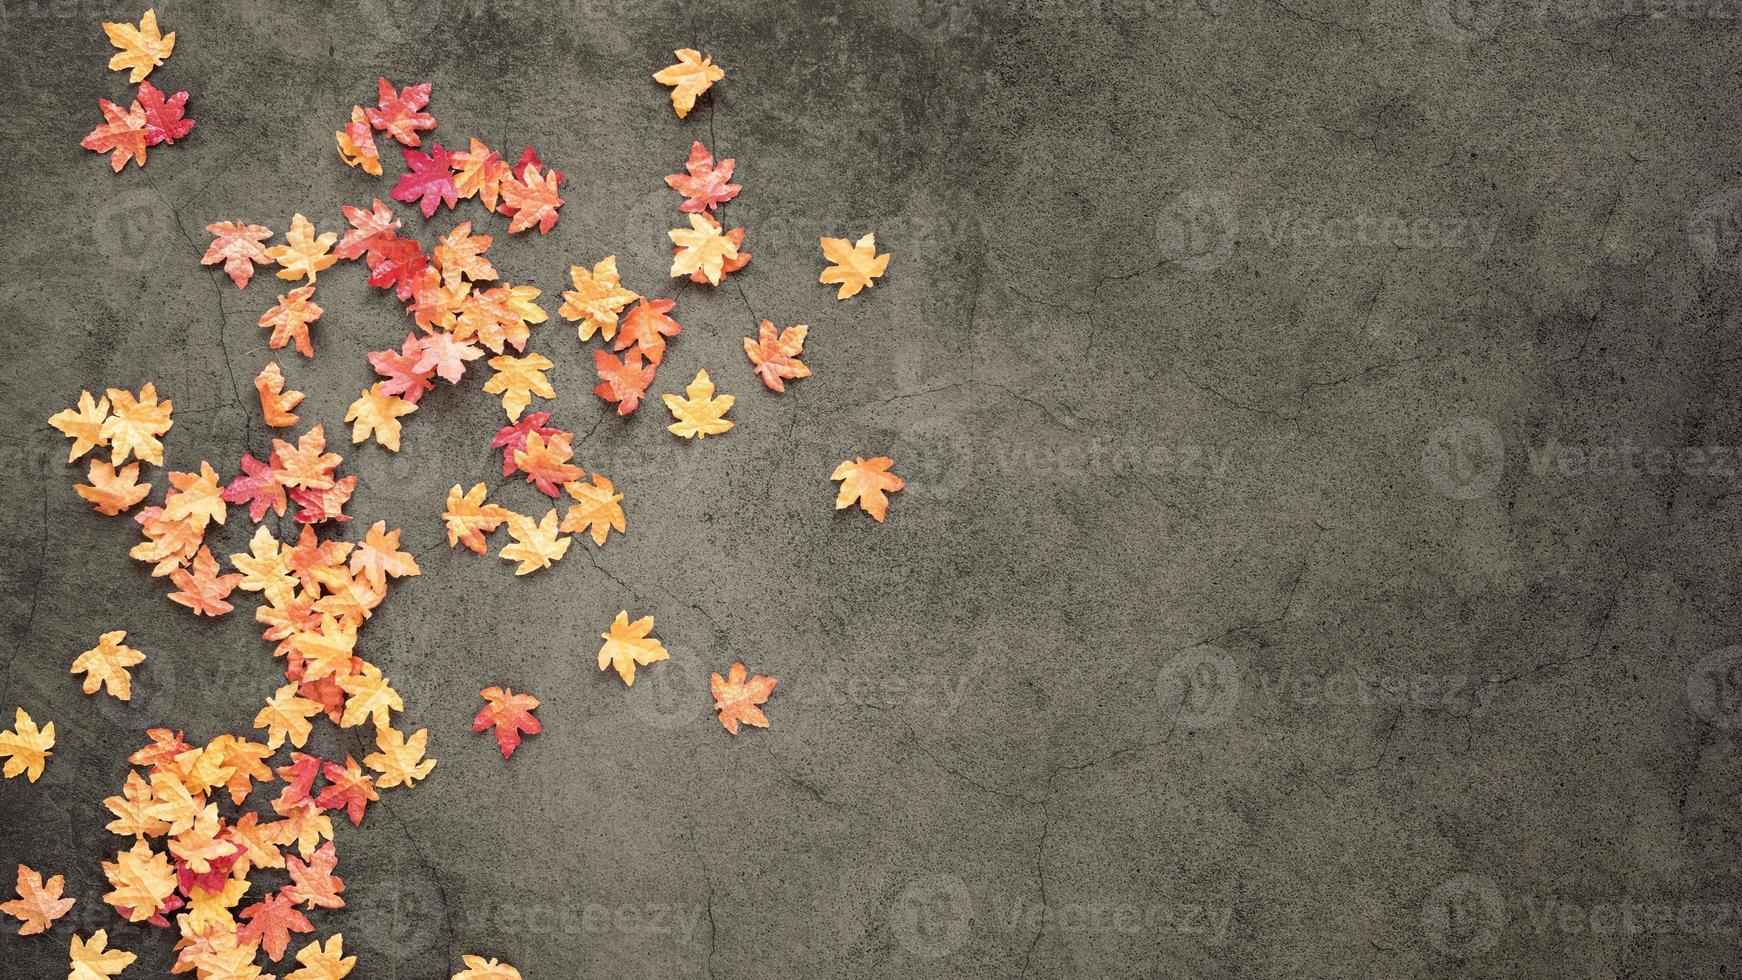 platt låg vacker natur koncept med kopia utrymme foto